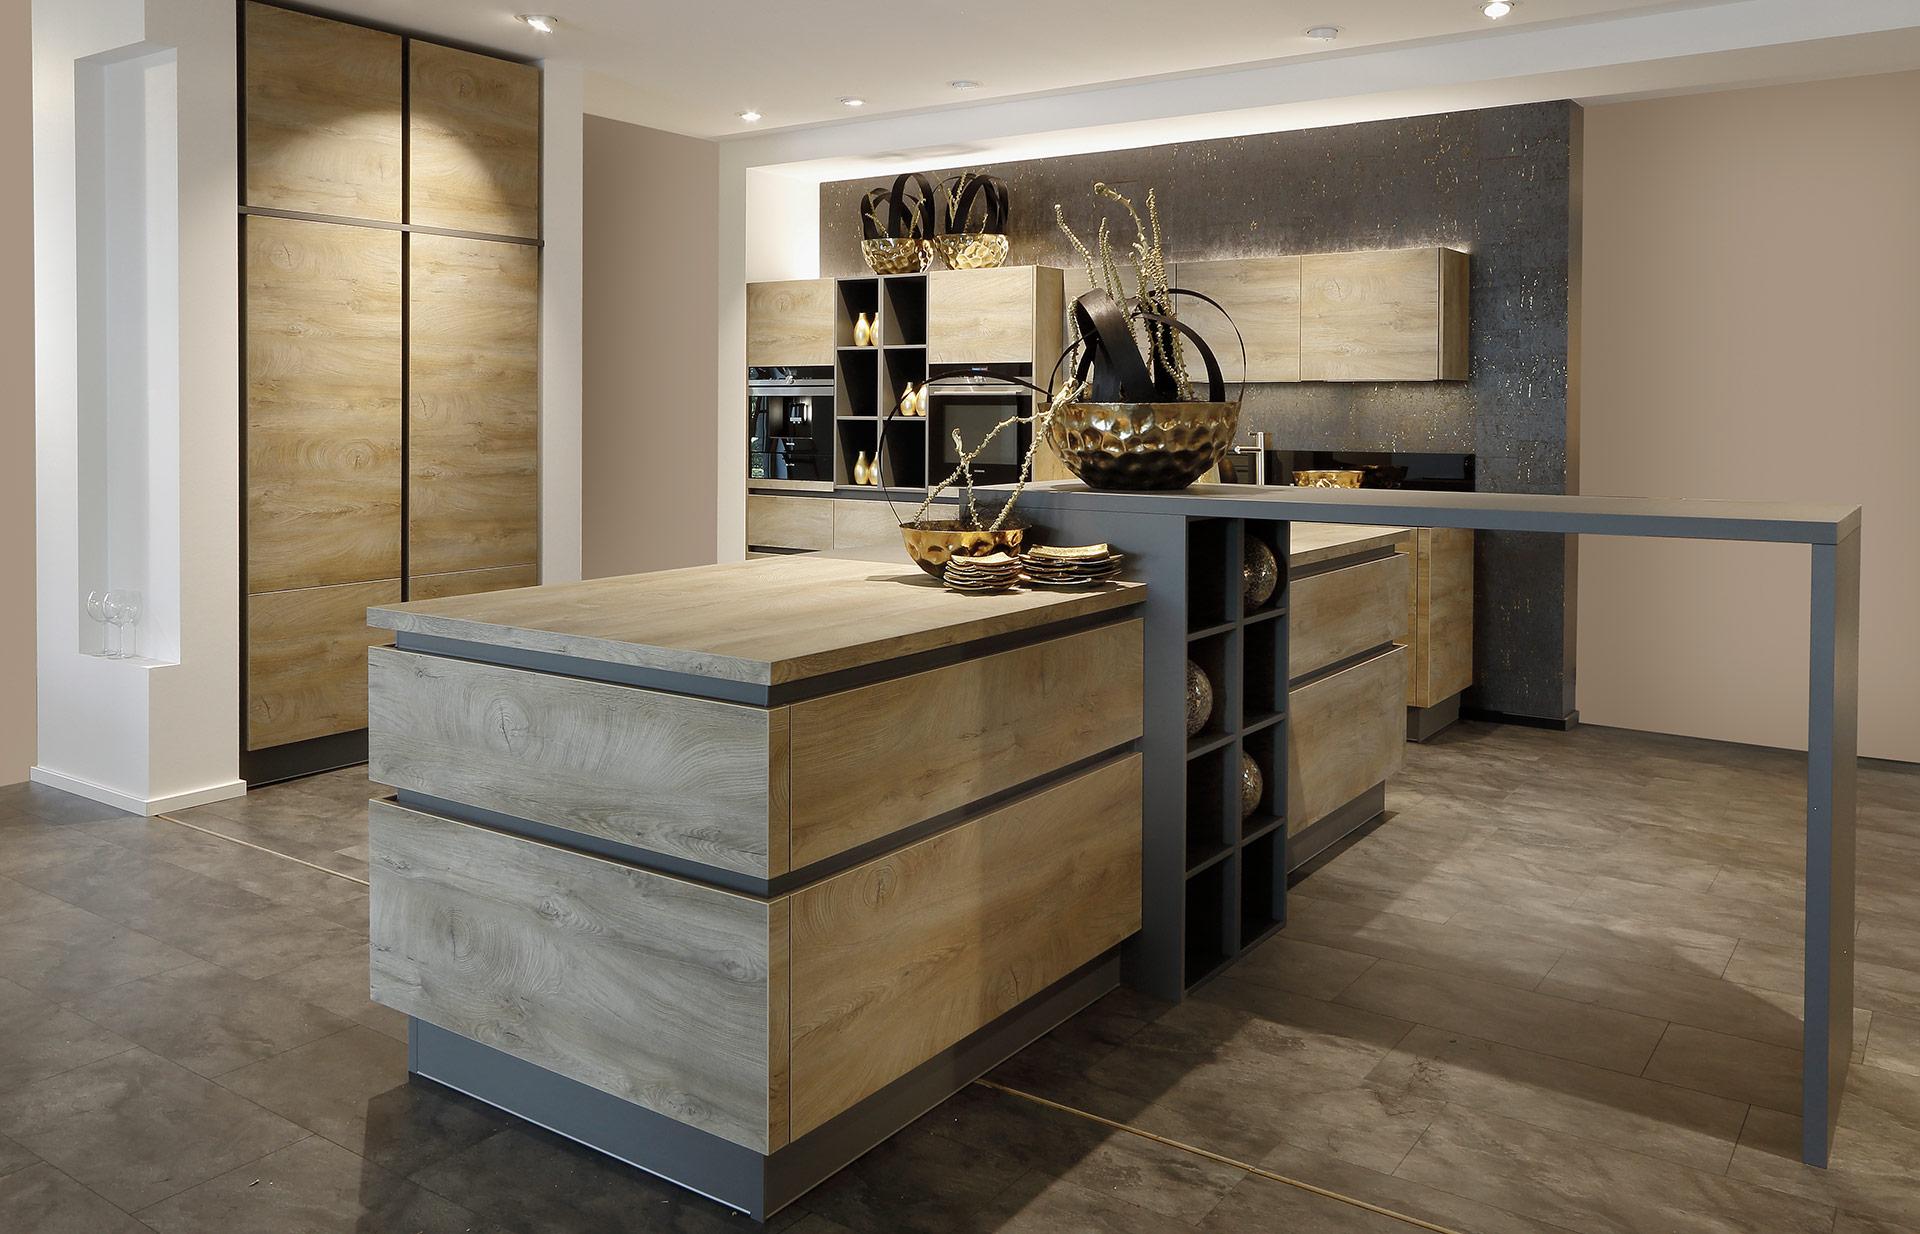 keuken high level keukens nijmegen arnhem bemmel. Black Bedroom Furniture Sets. Home Design Ideas